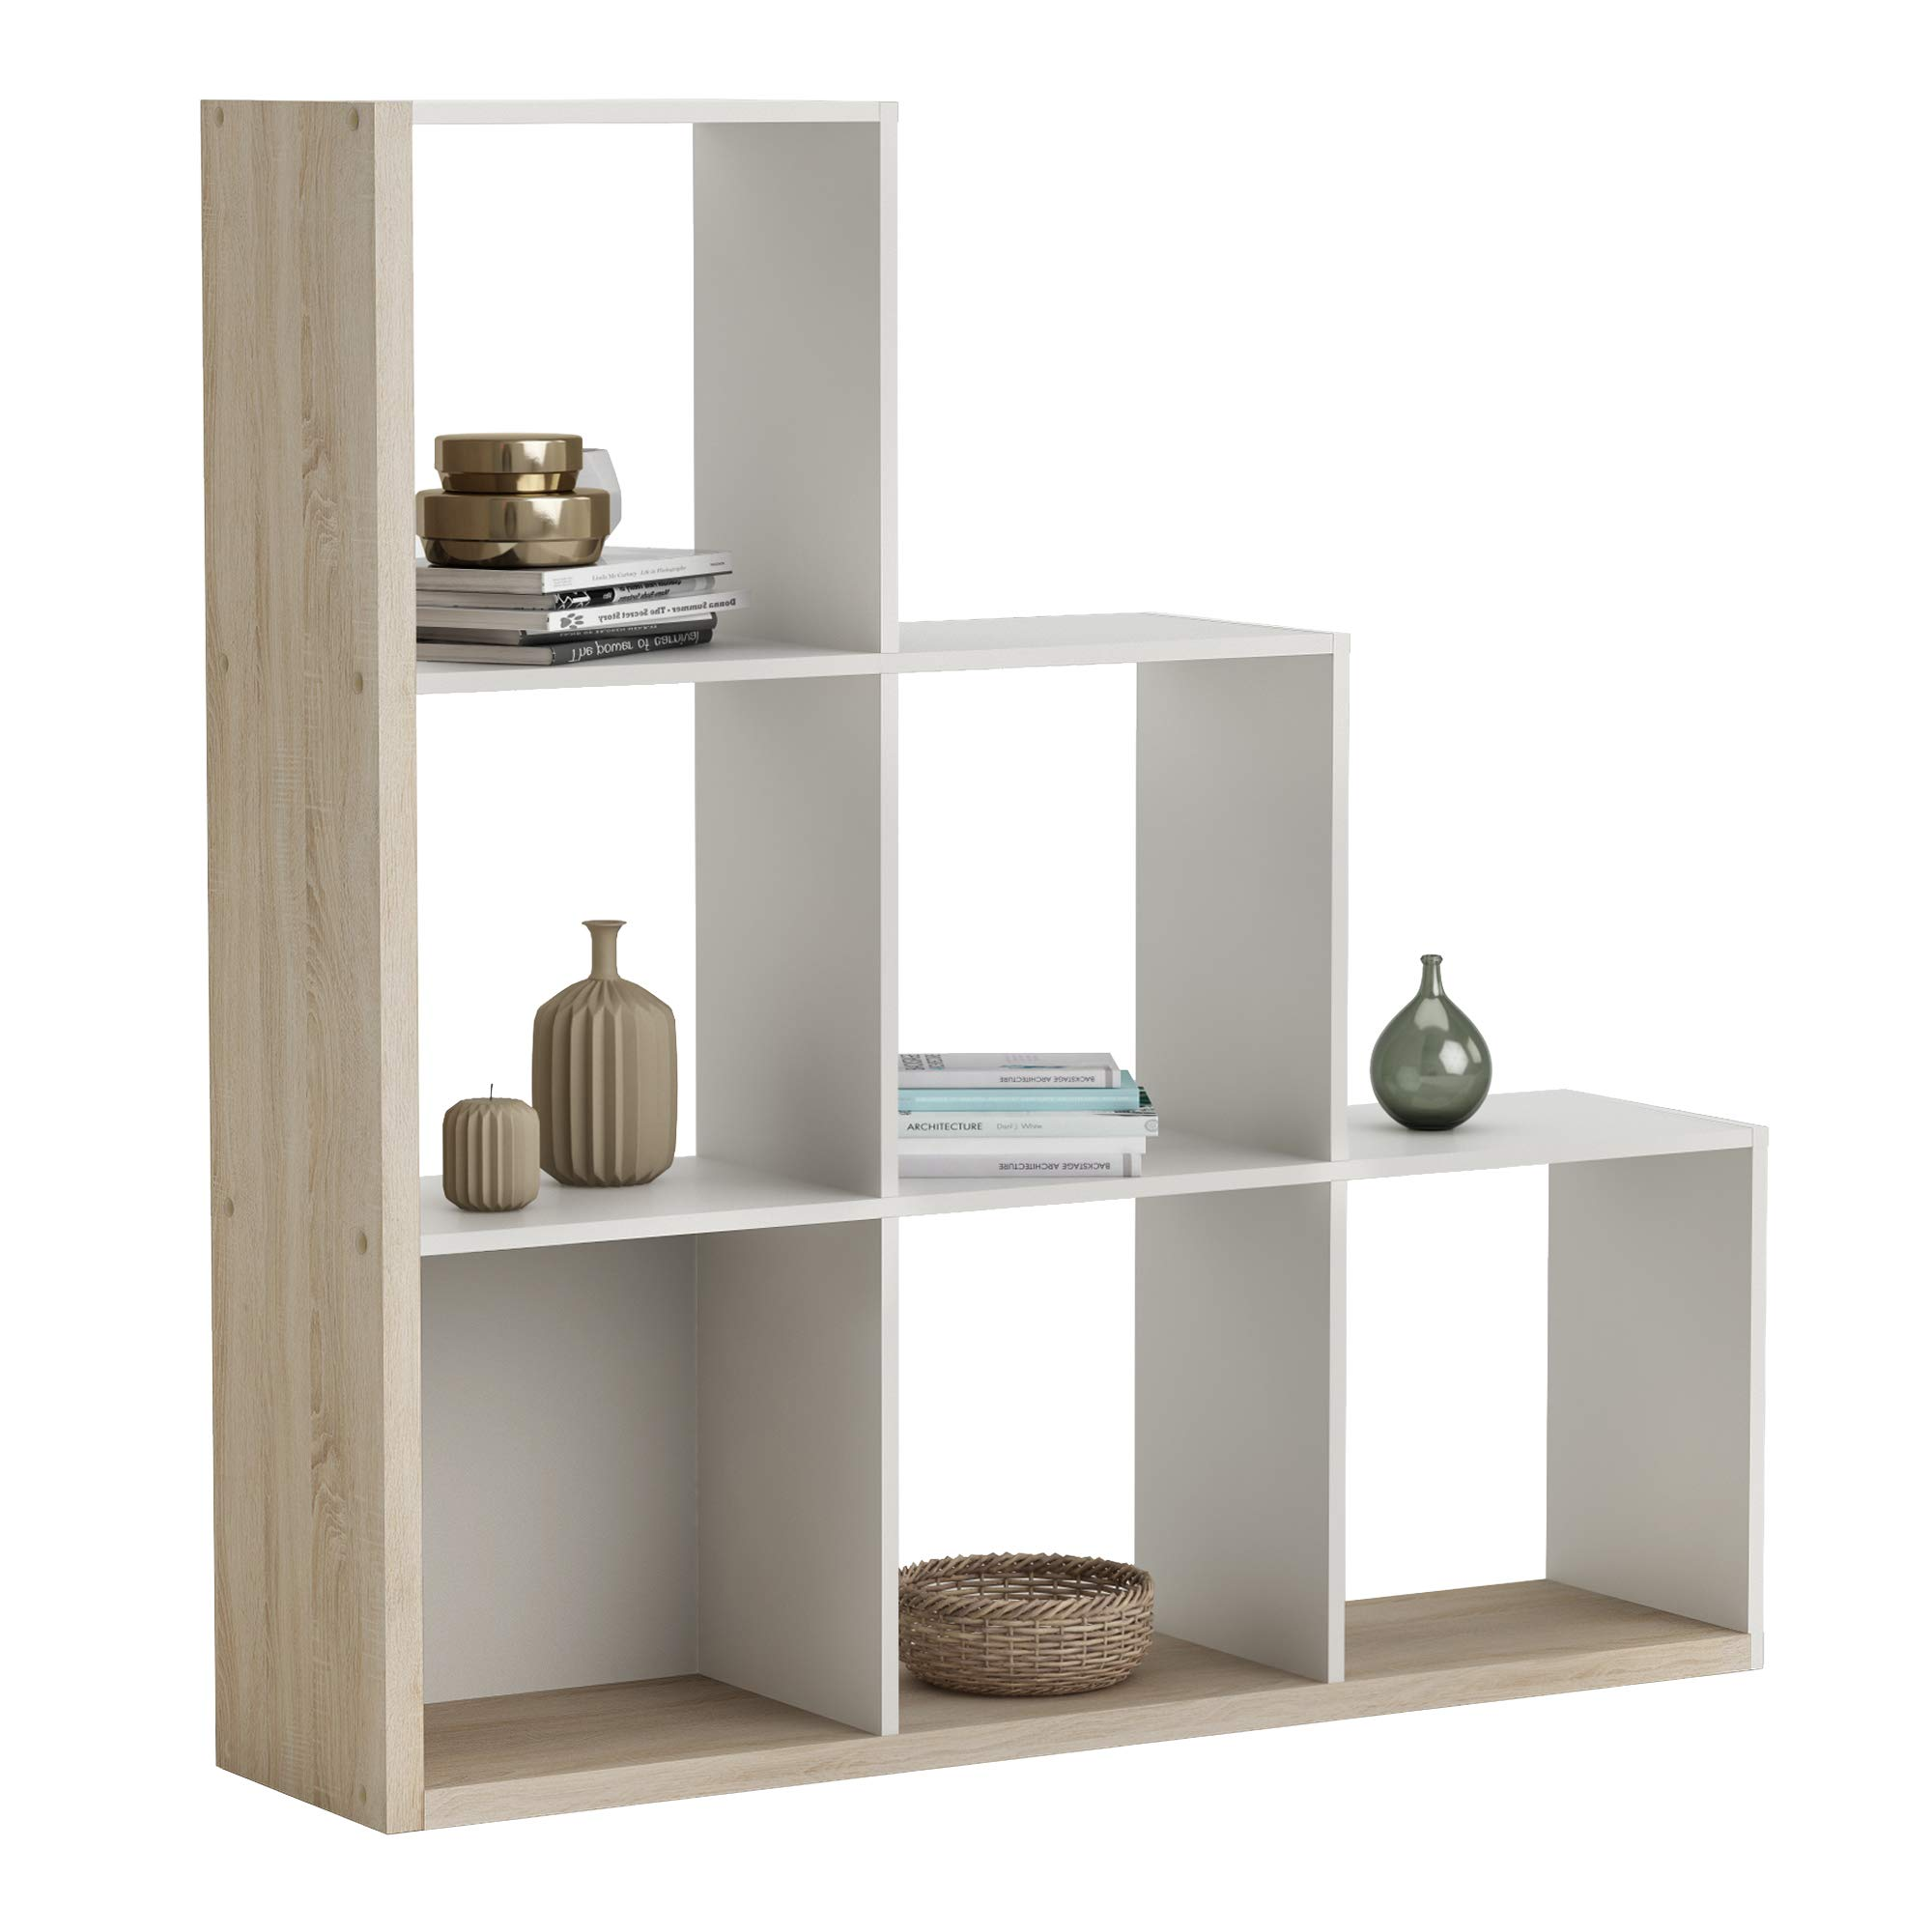 Abitti Estantería o librería en Forma de Escalera de diseño Actual en Color Roble y Blanco 126x128x29 cm: Amazon.es: Hogar